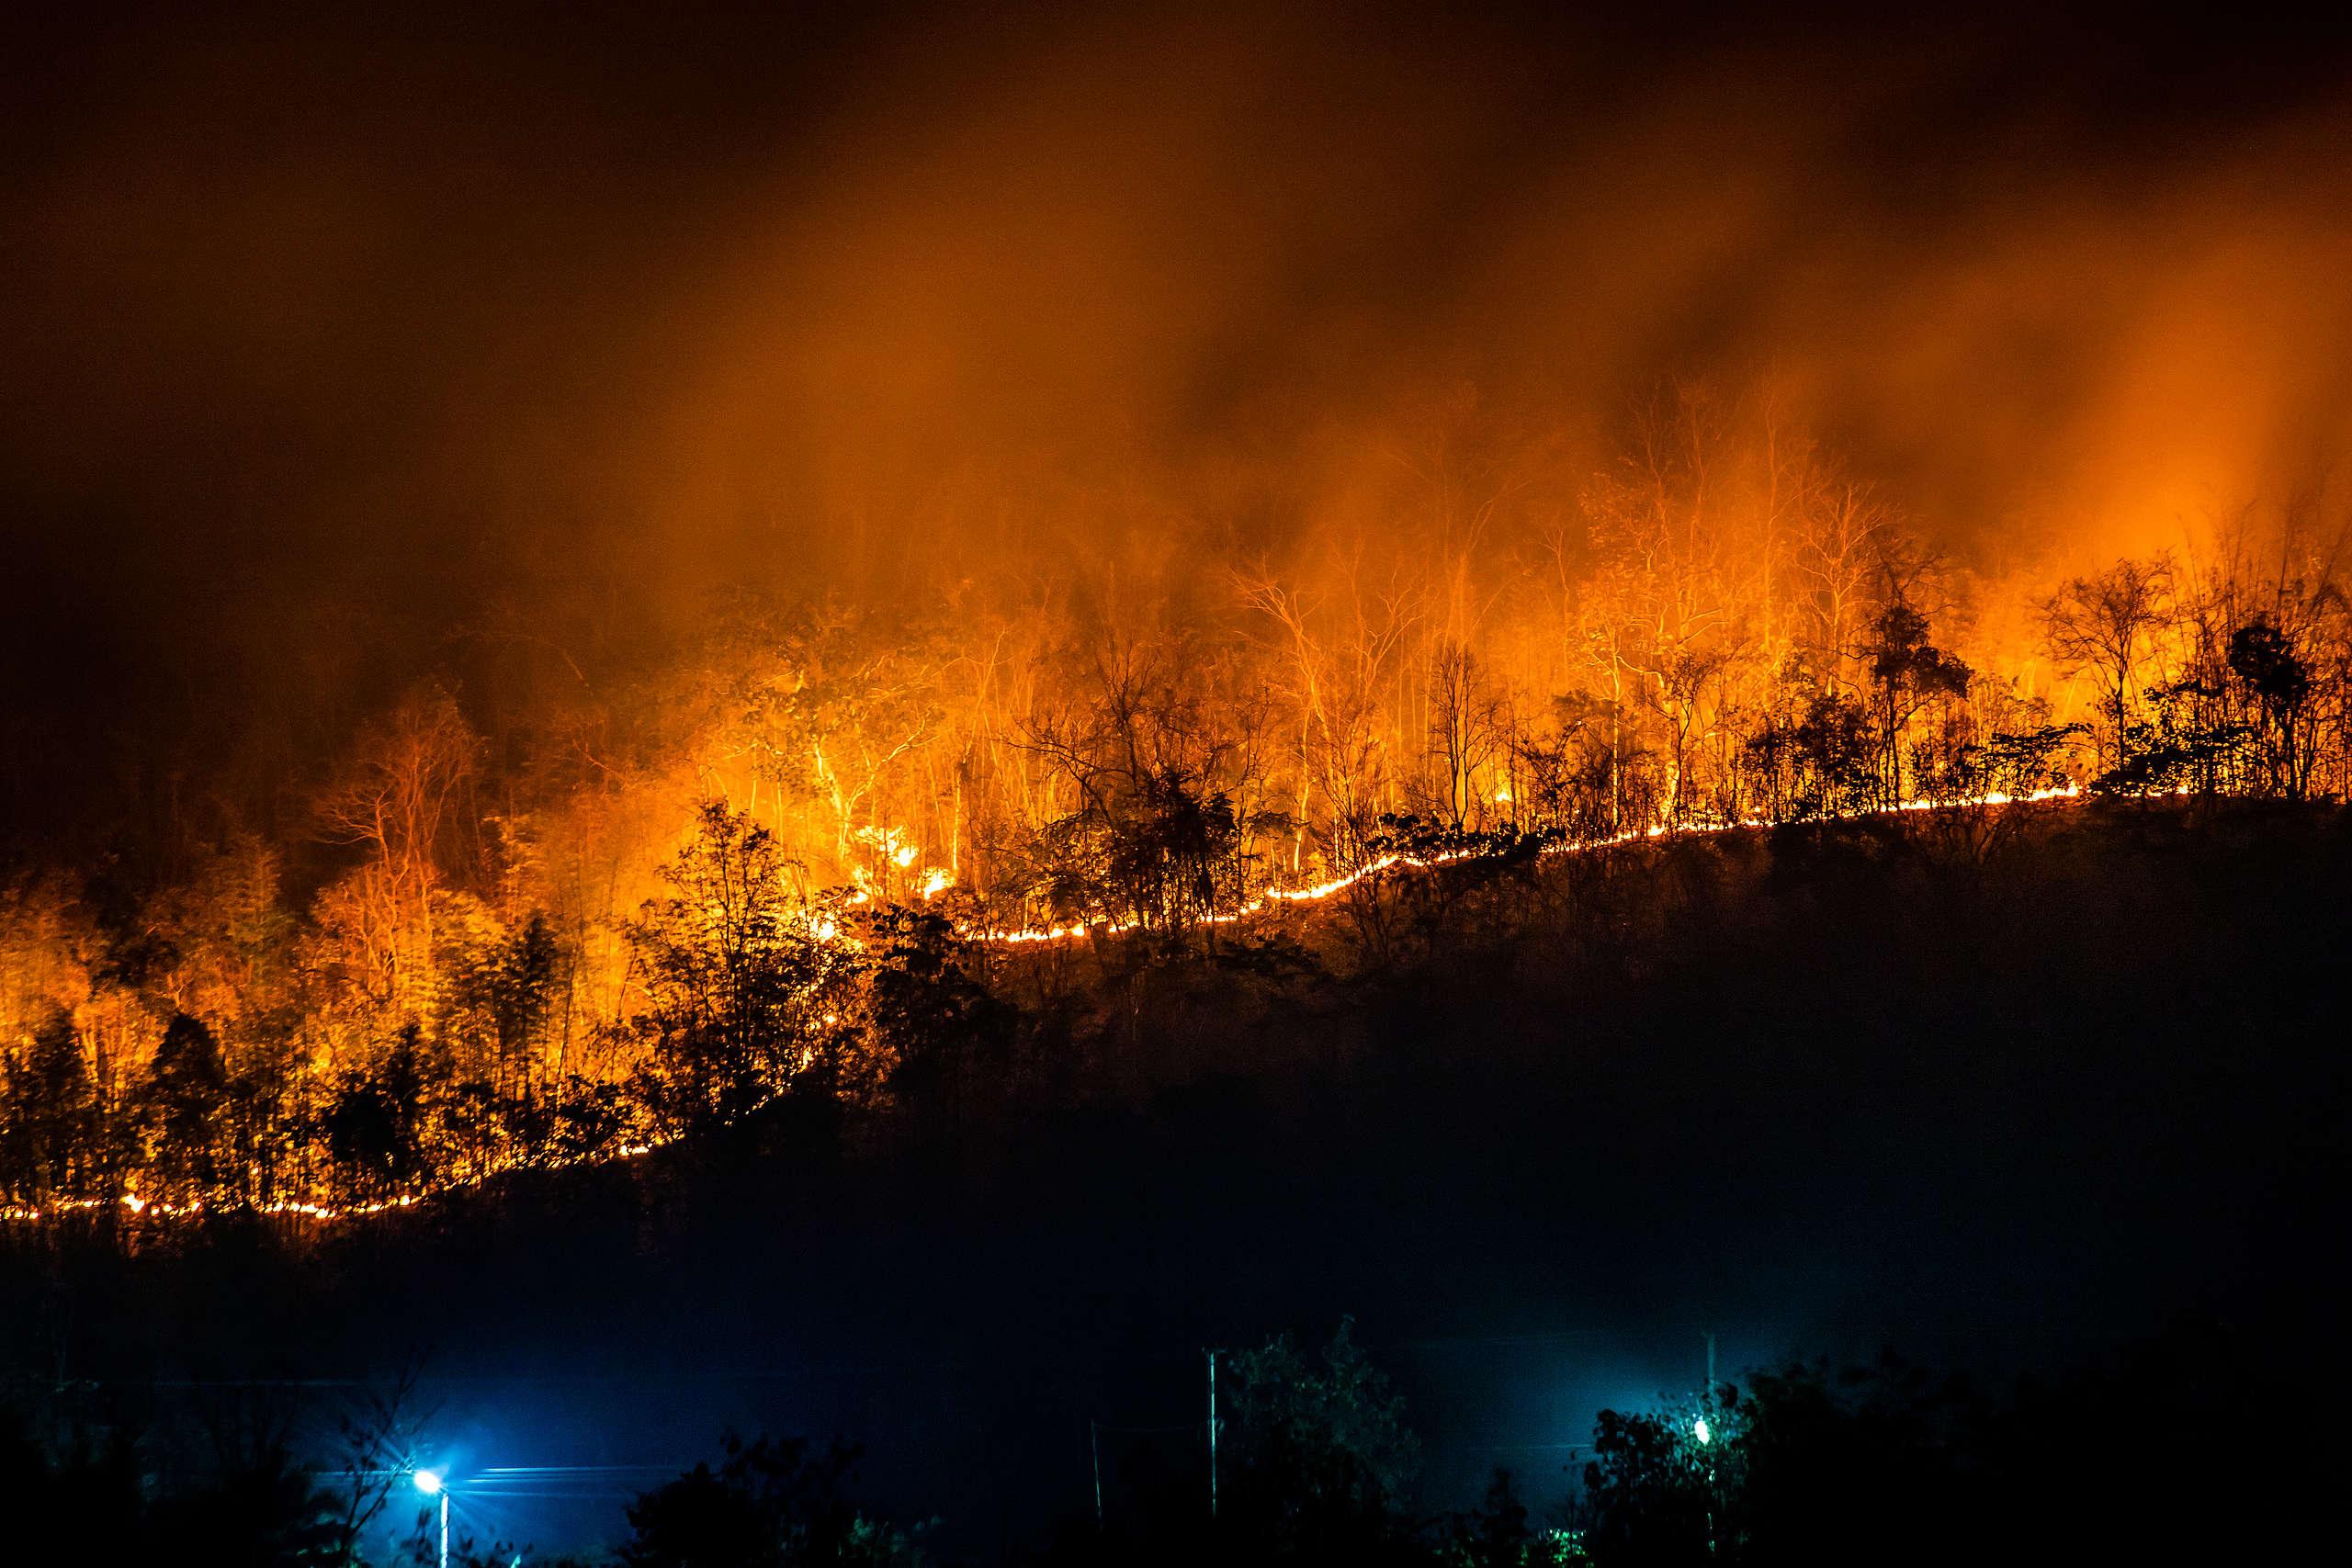 Burning Amazon